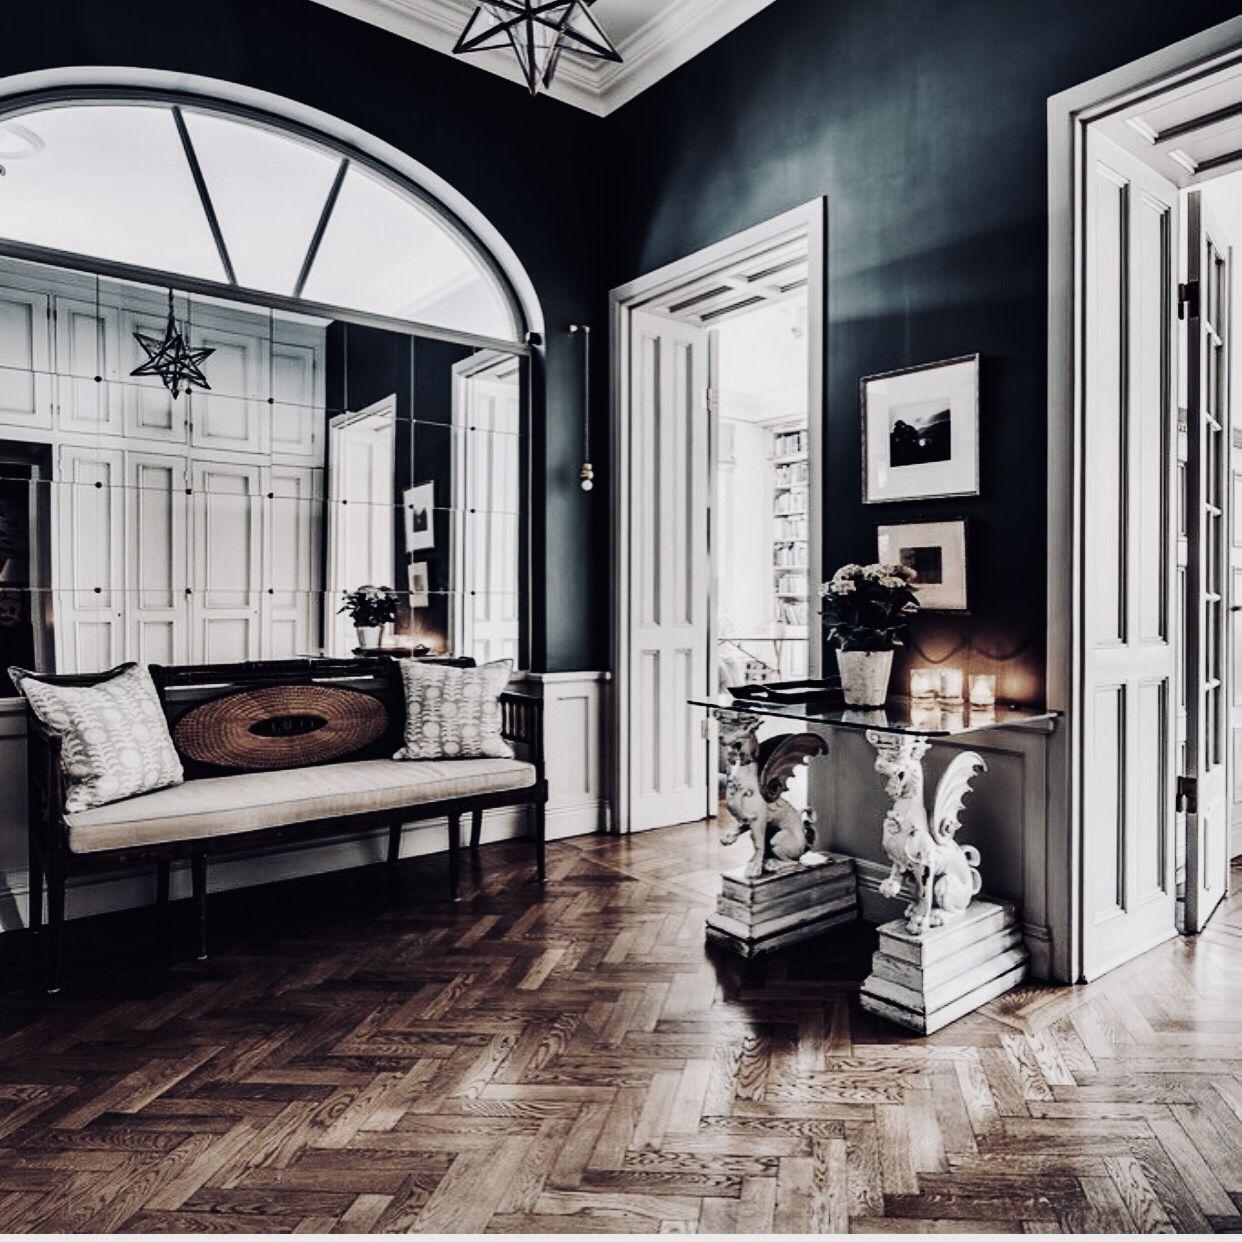 Future Interior Luxury Design: GdreamingG